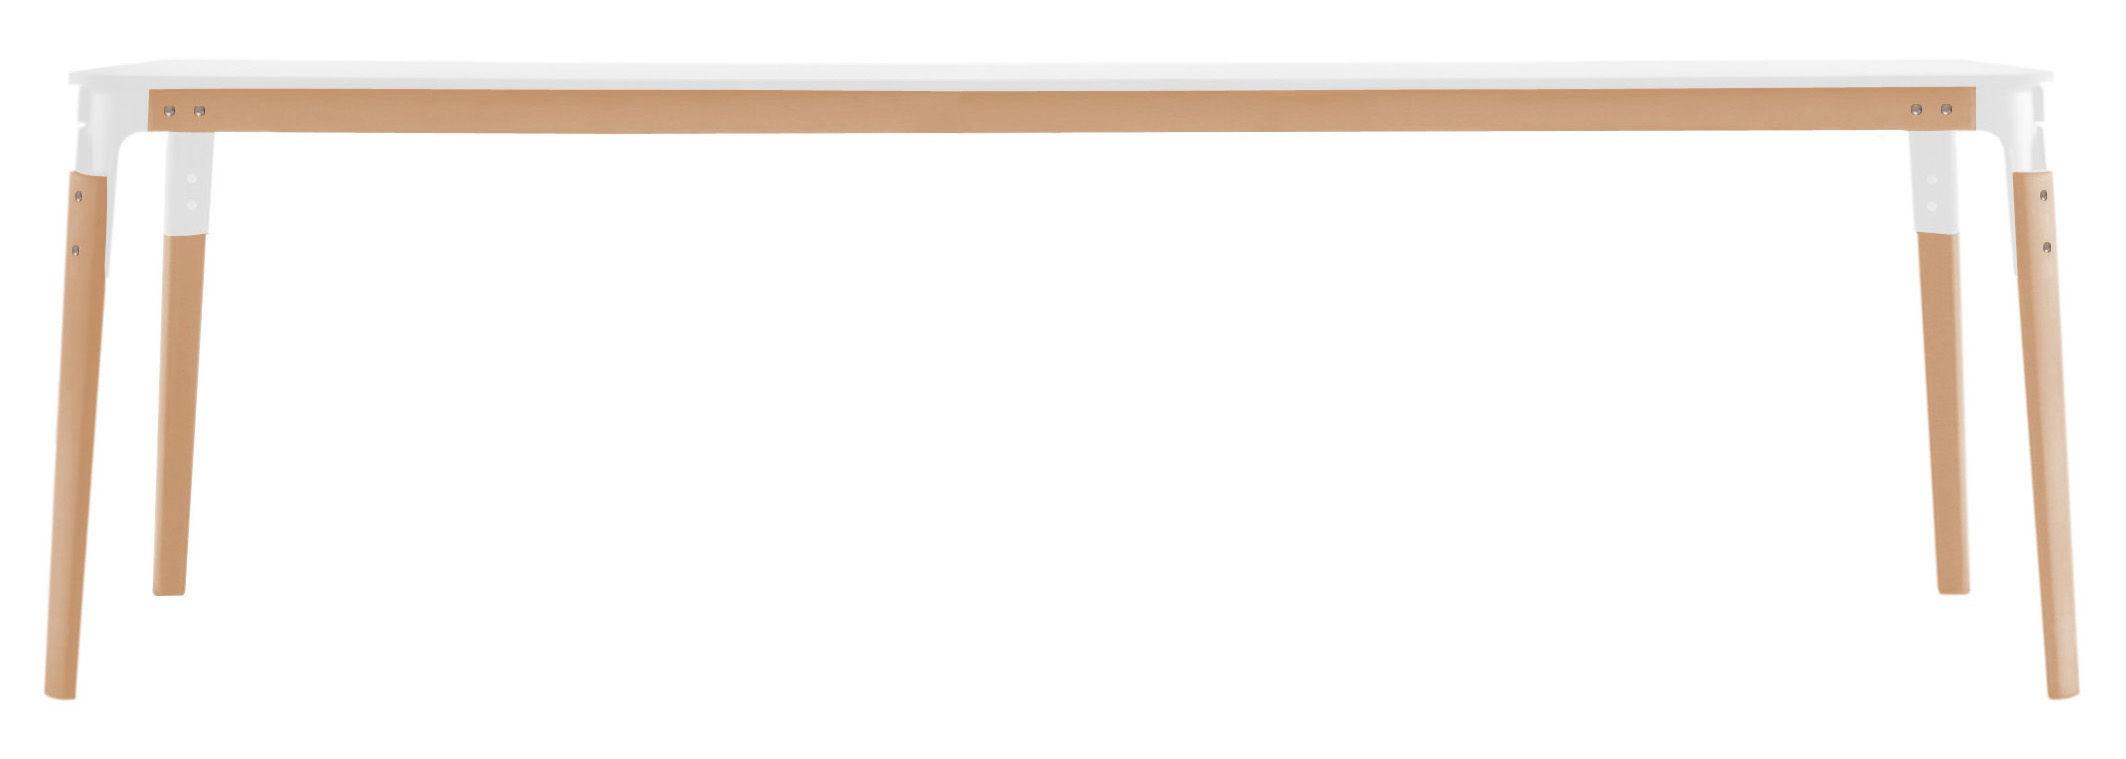 Möbel - Möbel für Teens - Steelwood rechteckiger Tisch Rechteckig, zweifarbig - Magis - 180 x 90 cm - weiß und Buche - Buchenfurnier, gefirnister Stahl, lackiertes HPL-Laminat